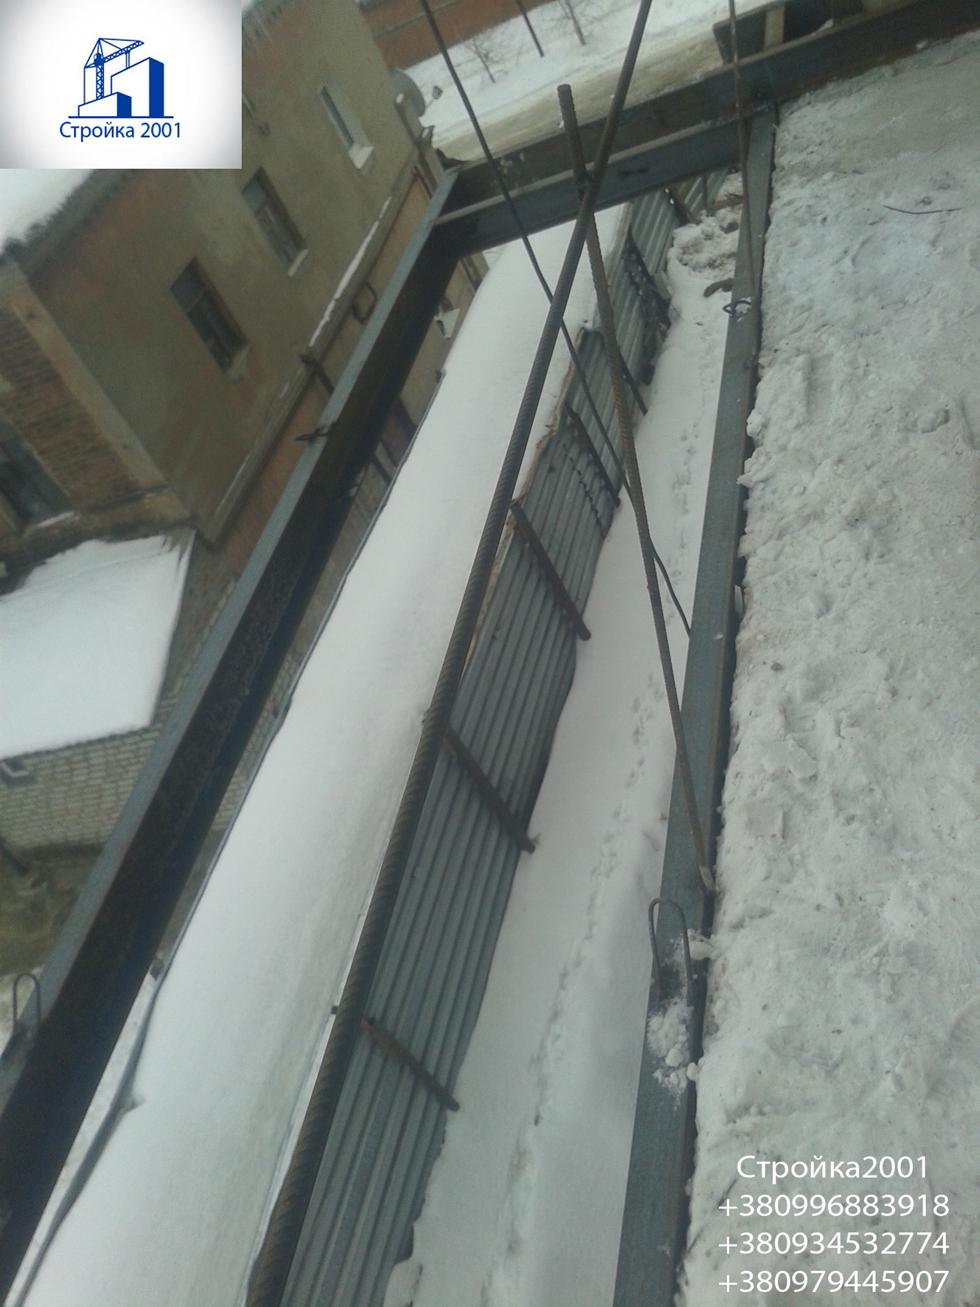 Расширение балкона харьков. балкон с выносом харьков. расшир.